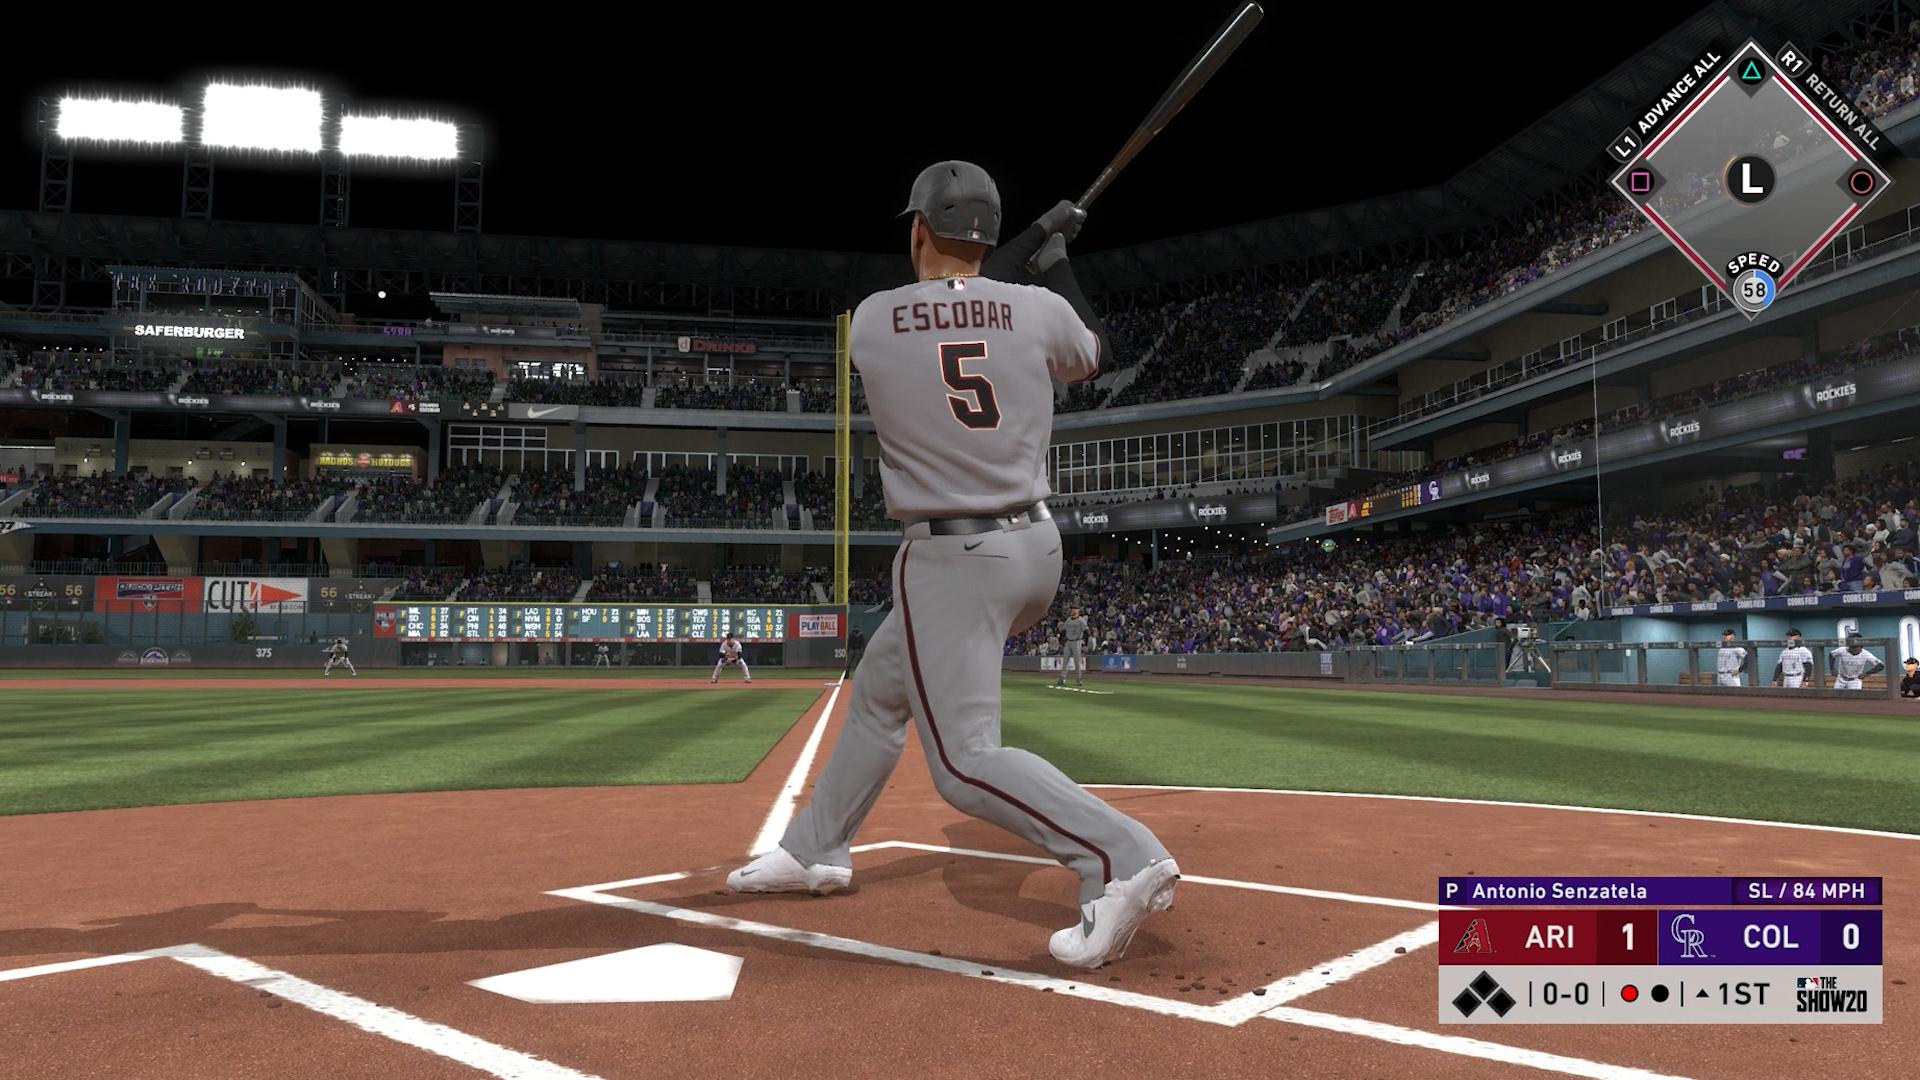 diamondbacks home run swings